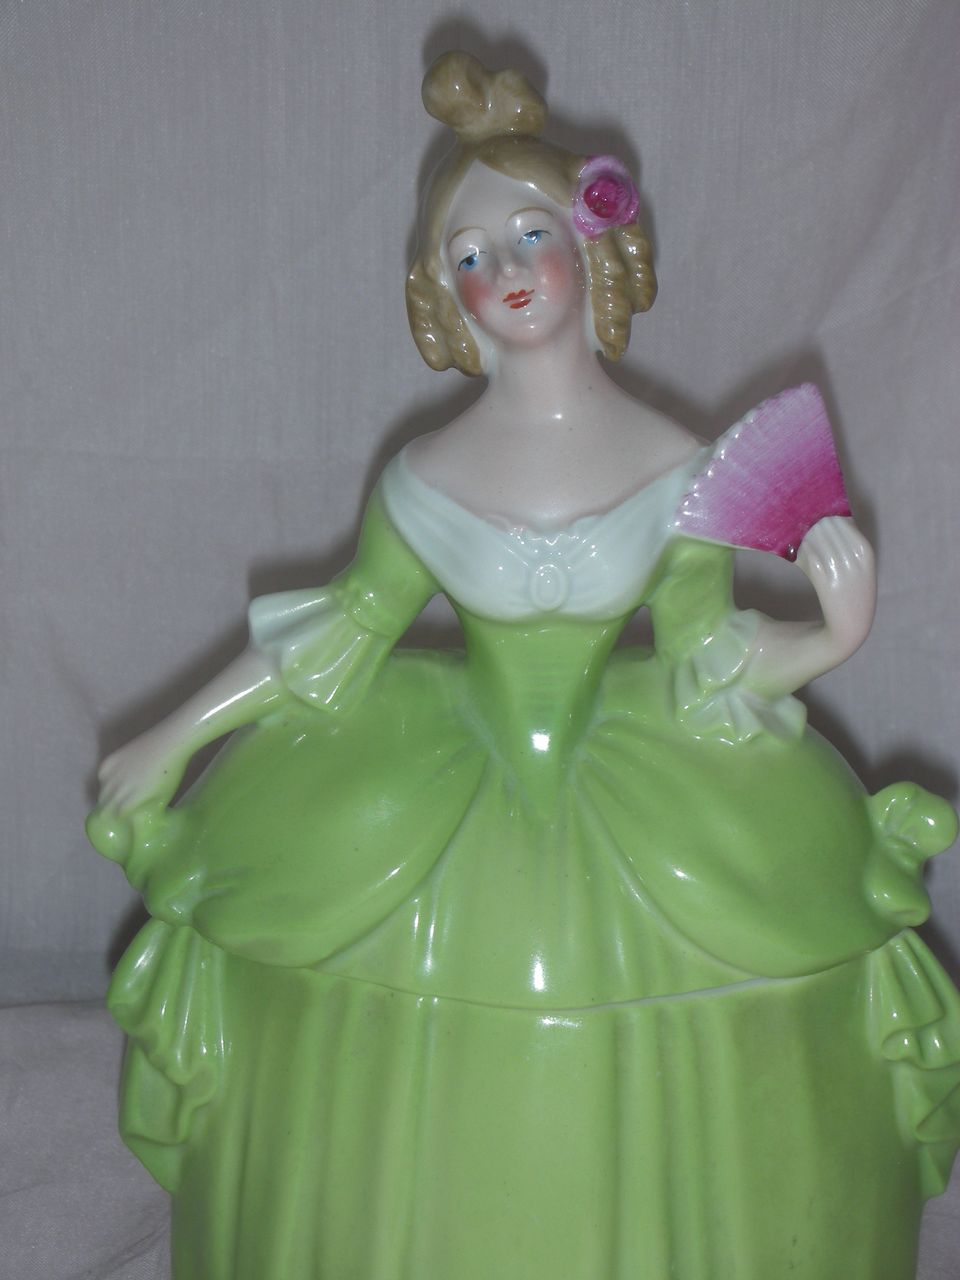 Vintage Madame Pompadour Dresser Doll Green Ballgown